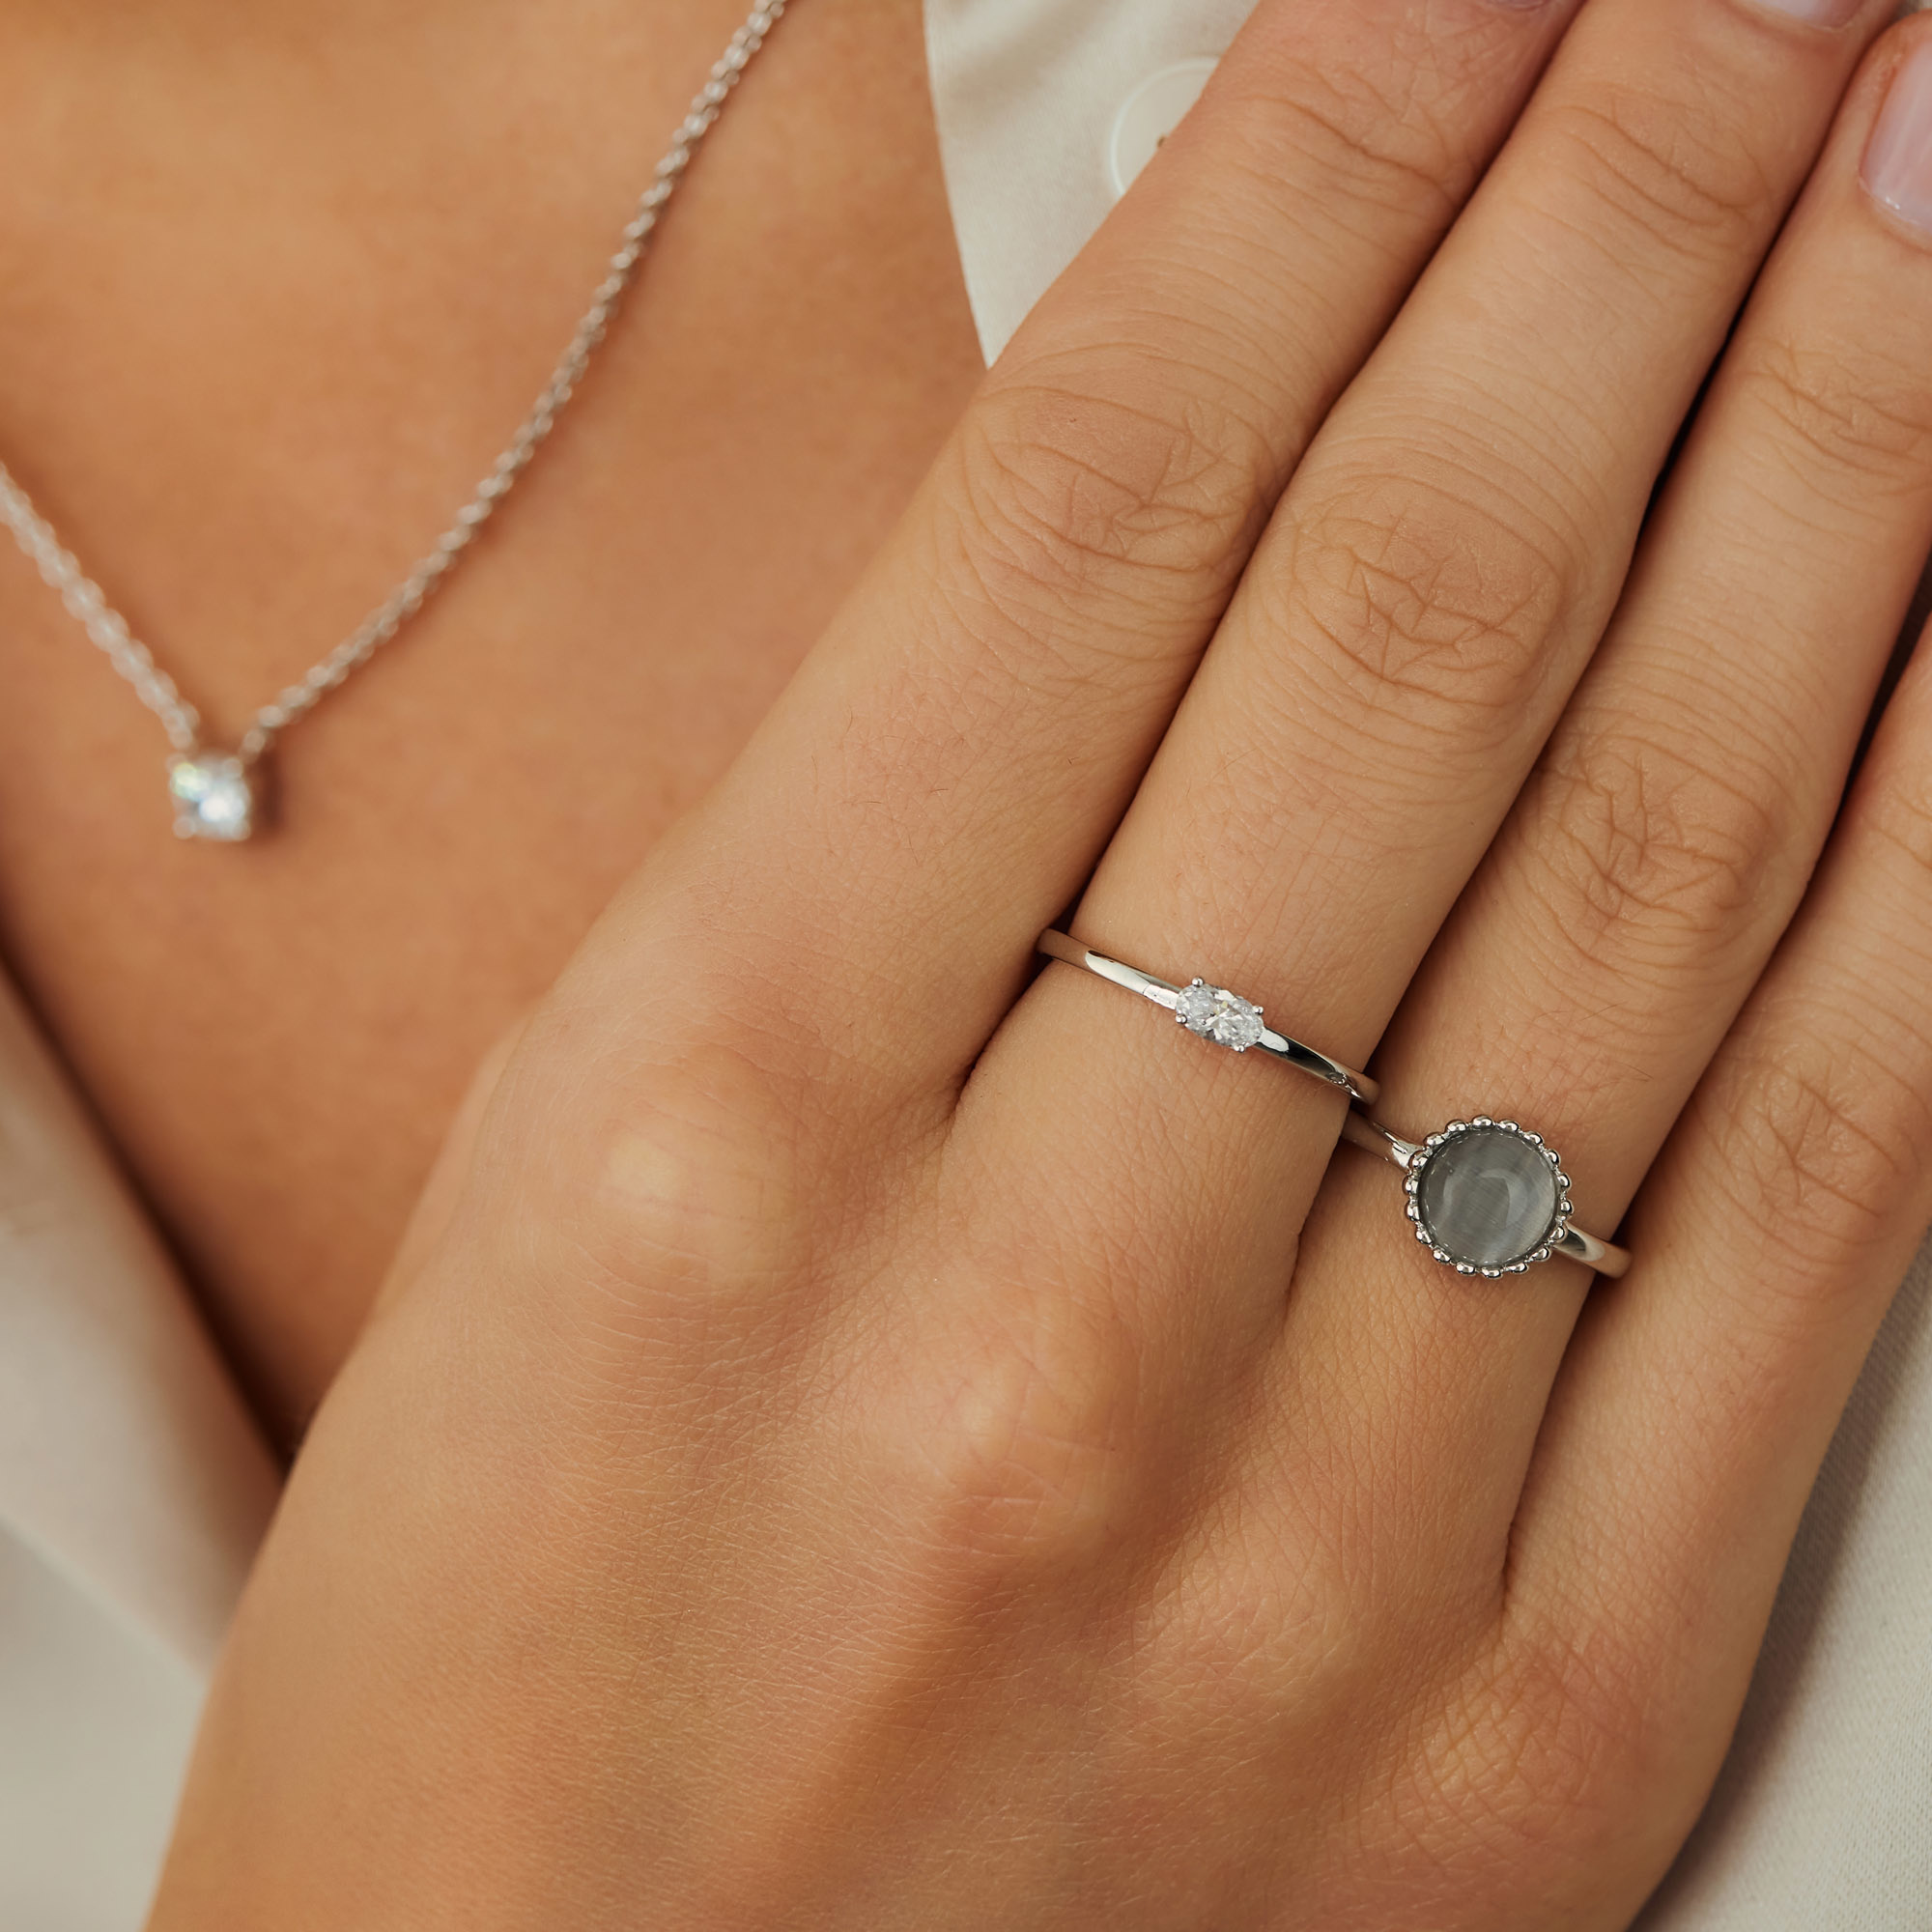 Parte di Me Brioso Cortona Chiara 925 sterling silver ring with cat eye